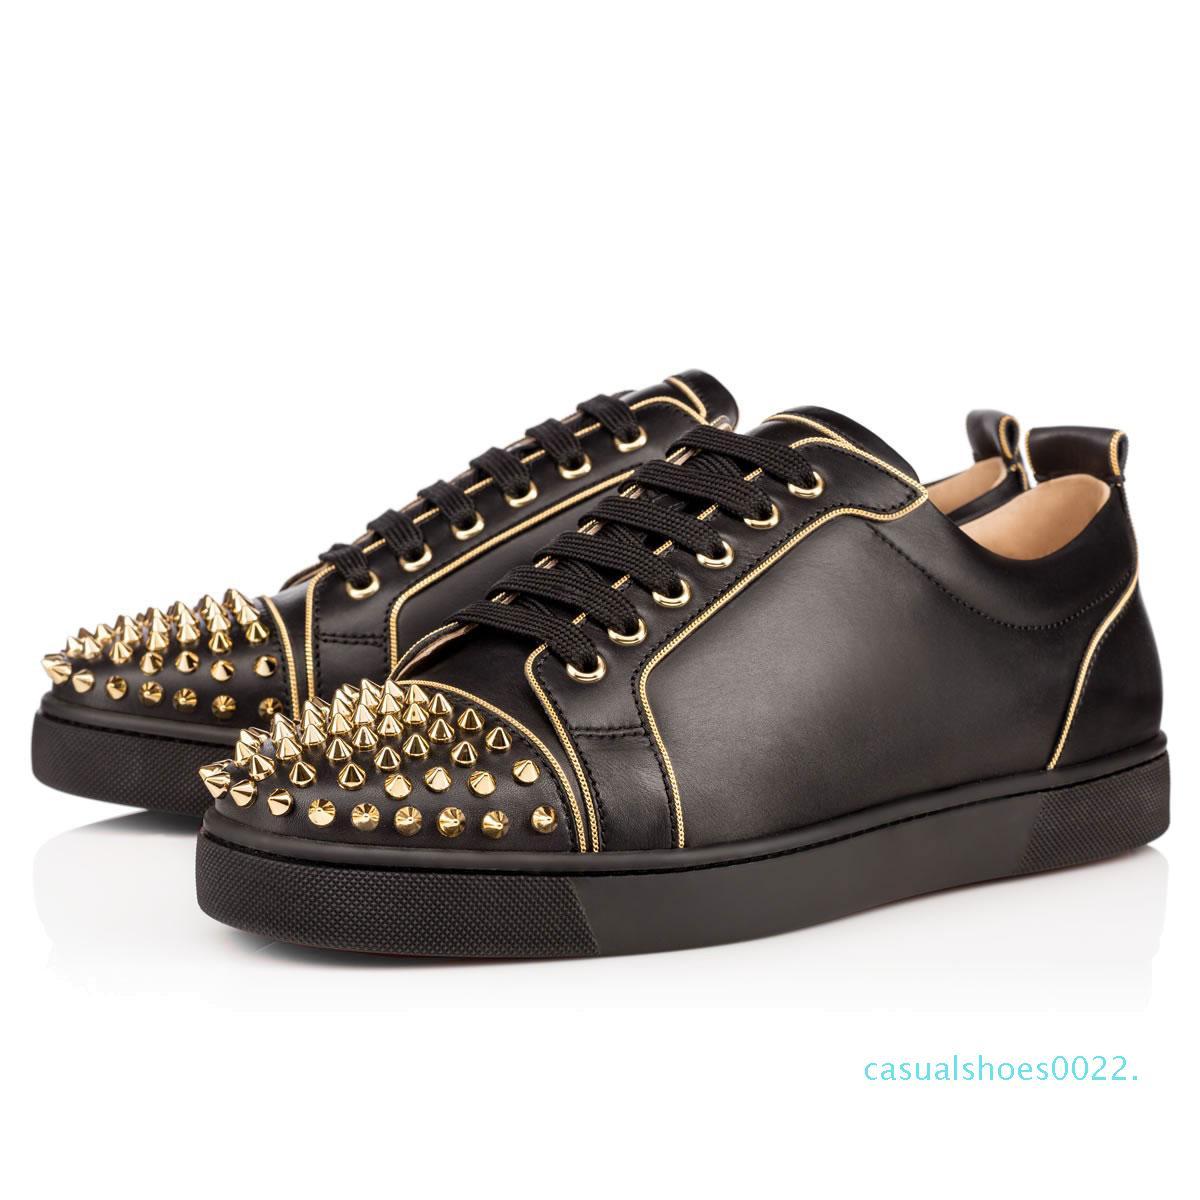 Kırmızı ayakkabılar lüks Womens Parti Aşıklar Gerçek Deri Sneakers boyutu 36-46 c22 2019 tasarımcı Marka Çivili Dikenler Flats ayakkabı